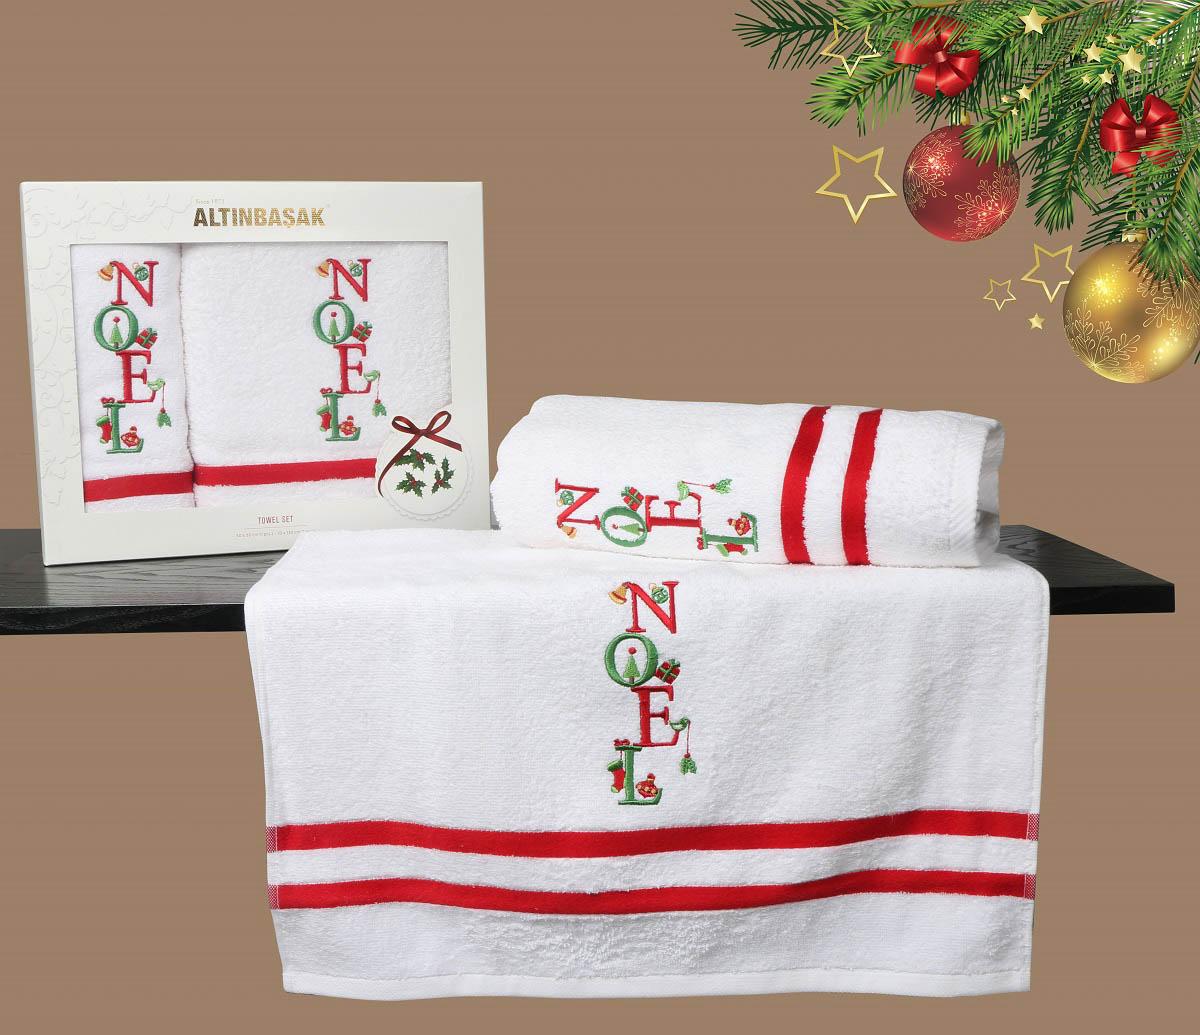 Купить Полотенца Altinbasak, Полотенце Noel V4 (Набор), Турция, Белый, Красный, Махра